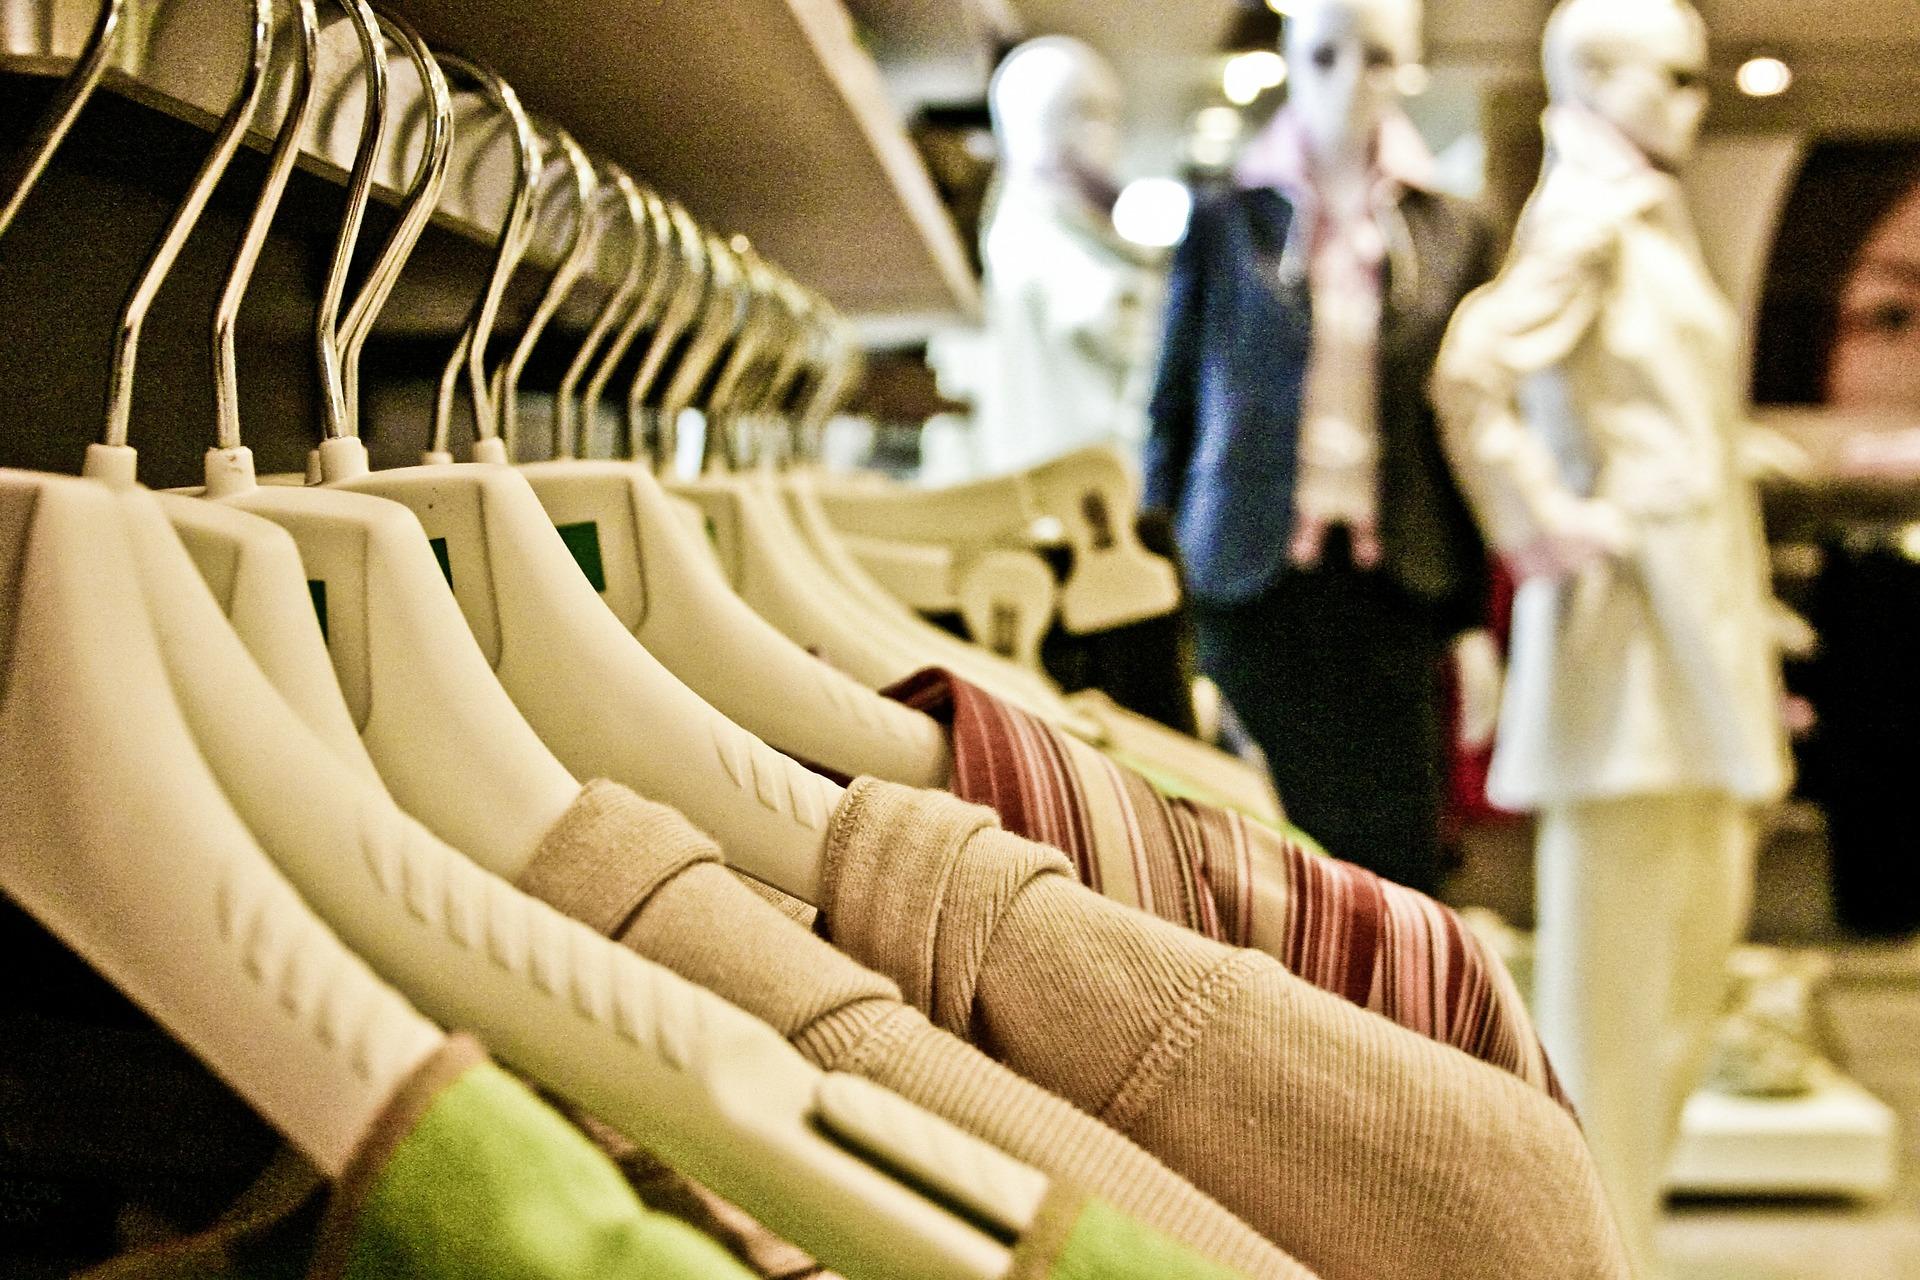 Shop amok med et billigt lån